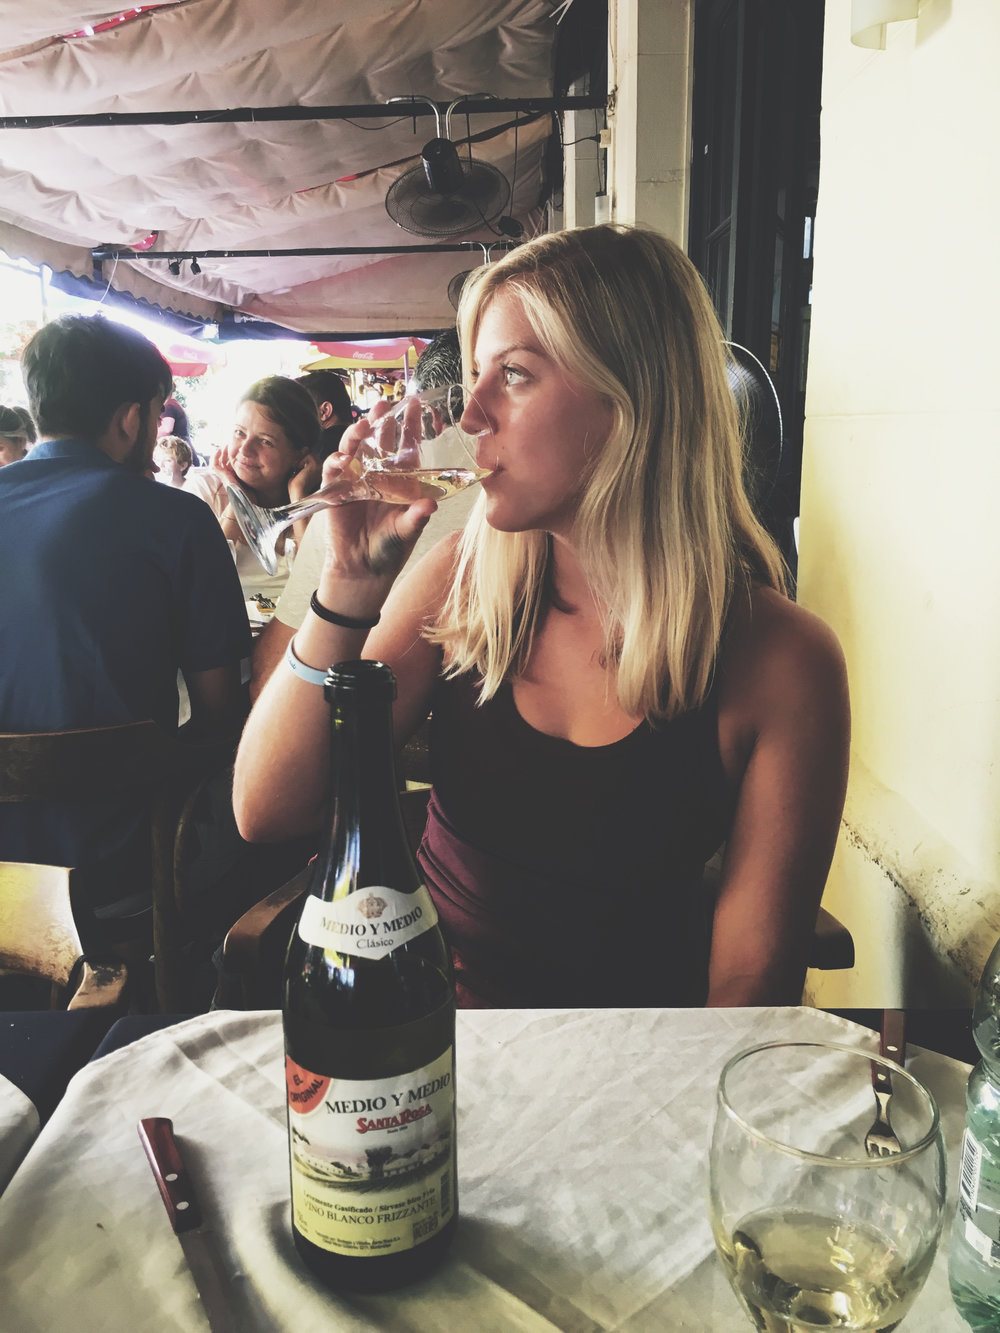 At Mercado del Puerto in Montevideo, drinking Medio y Medio and eating Parilla